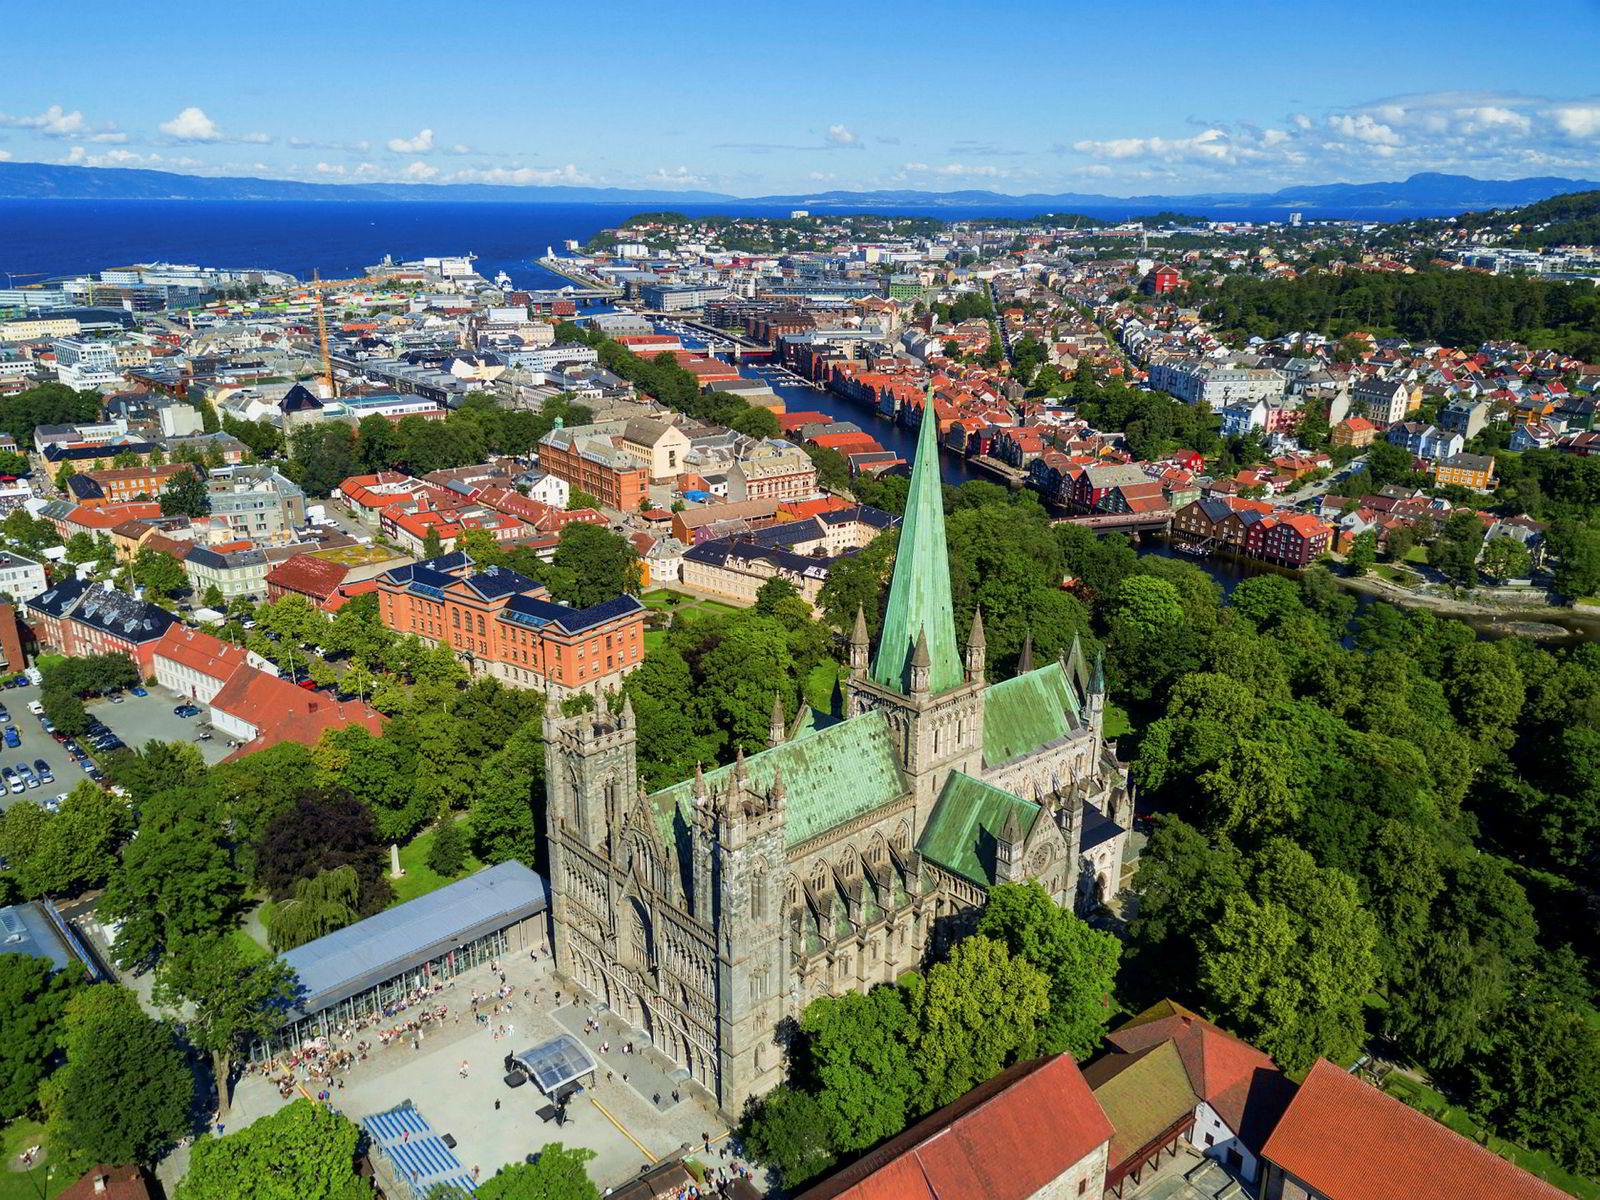 I Trondheim er det, ifølge en næringseiendsomsmegler, økende betalingsvilje for de beste lokalene sentralt i byen og for nybygg i randsonen